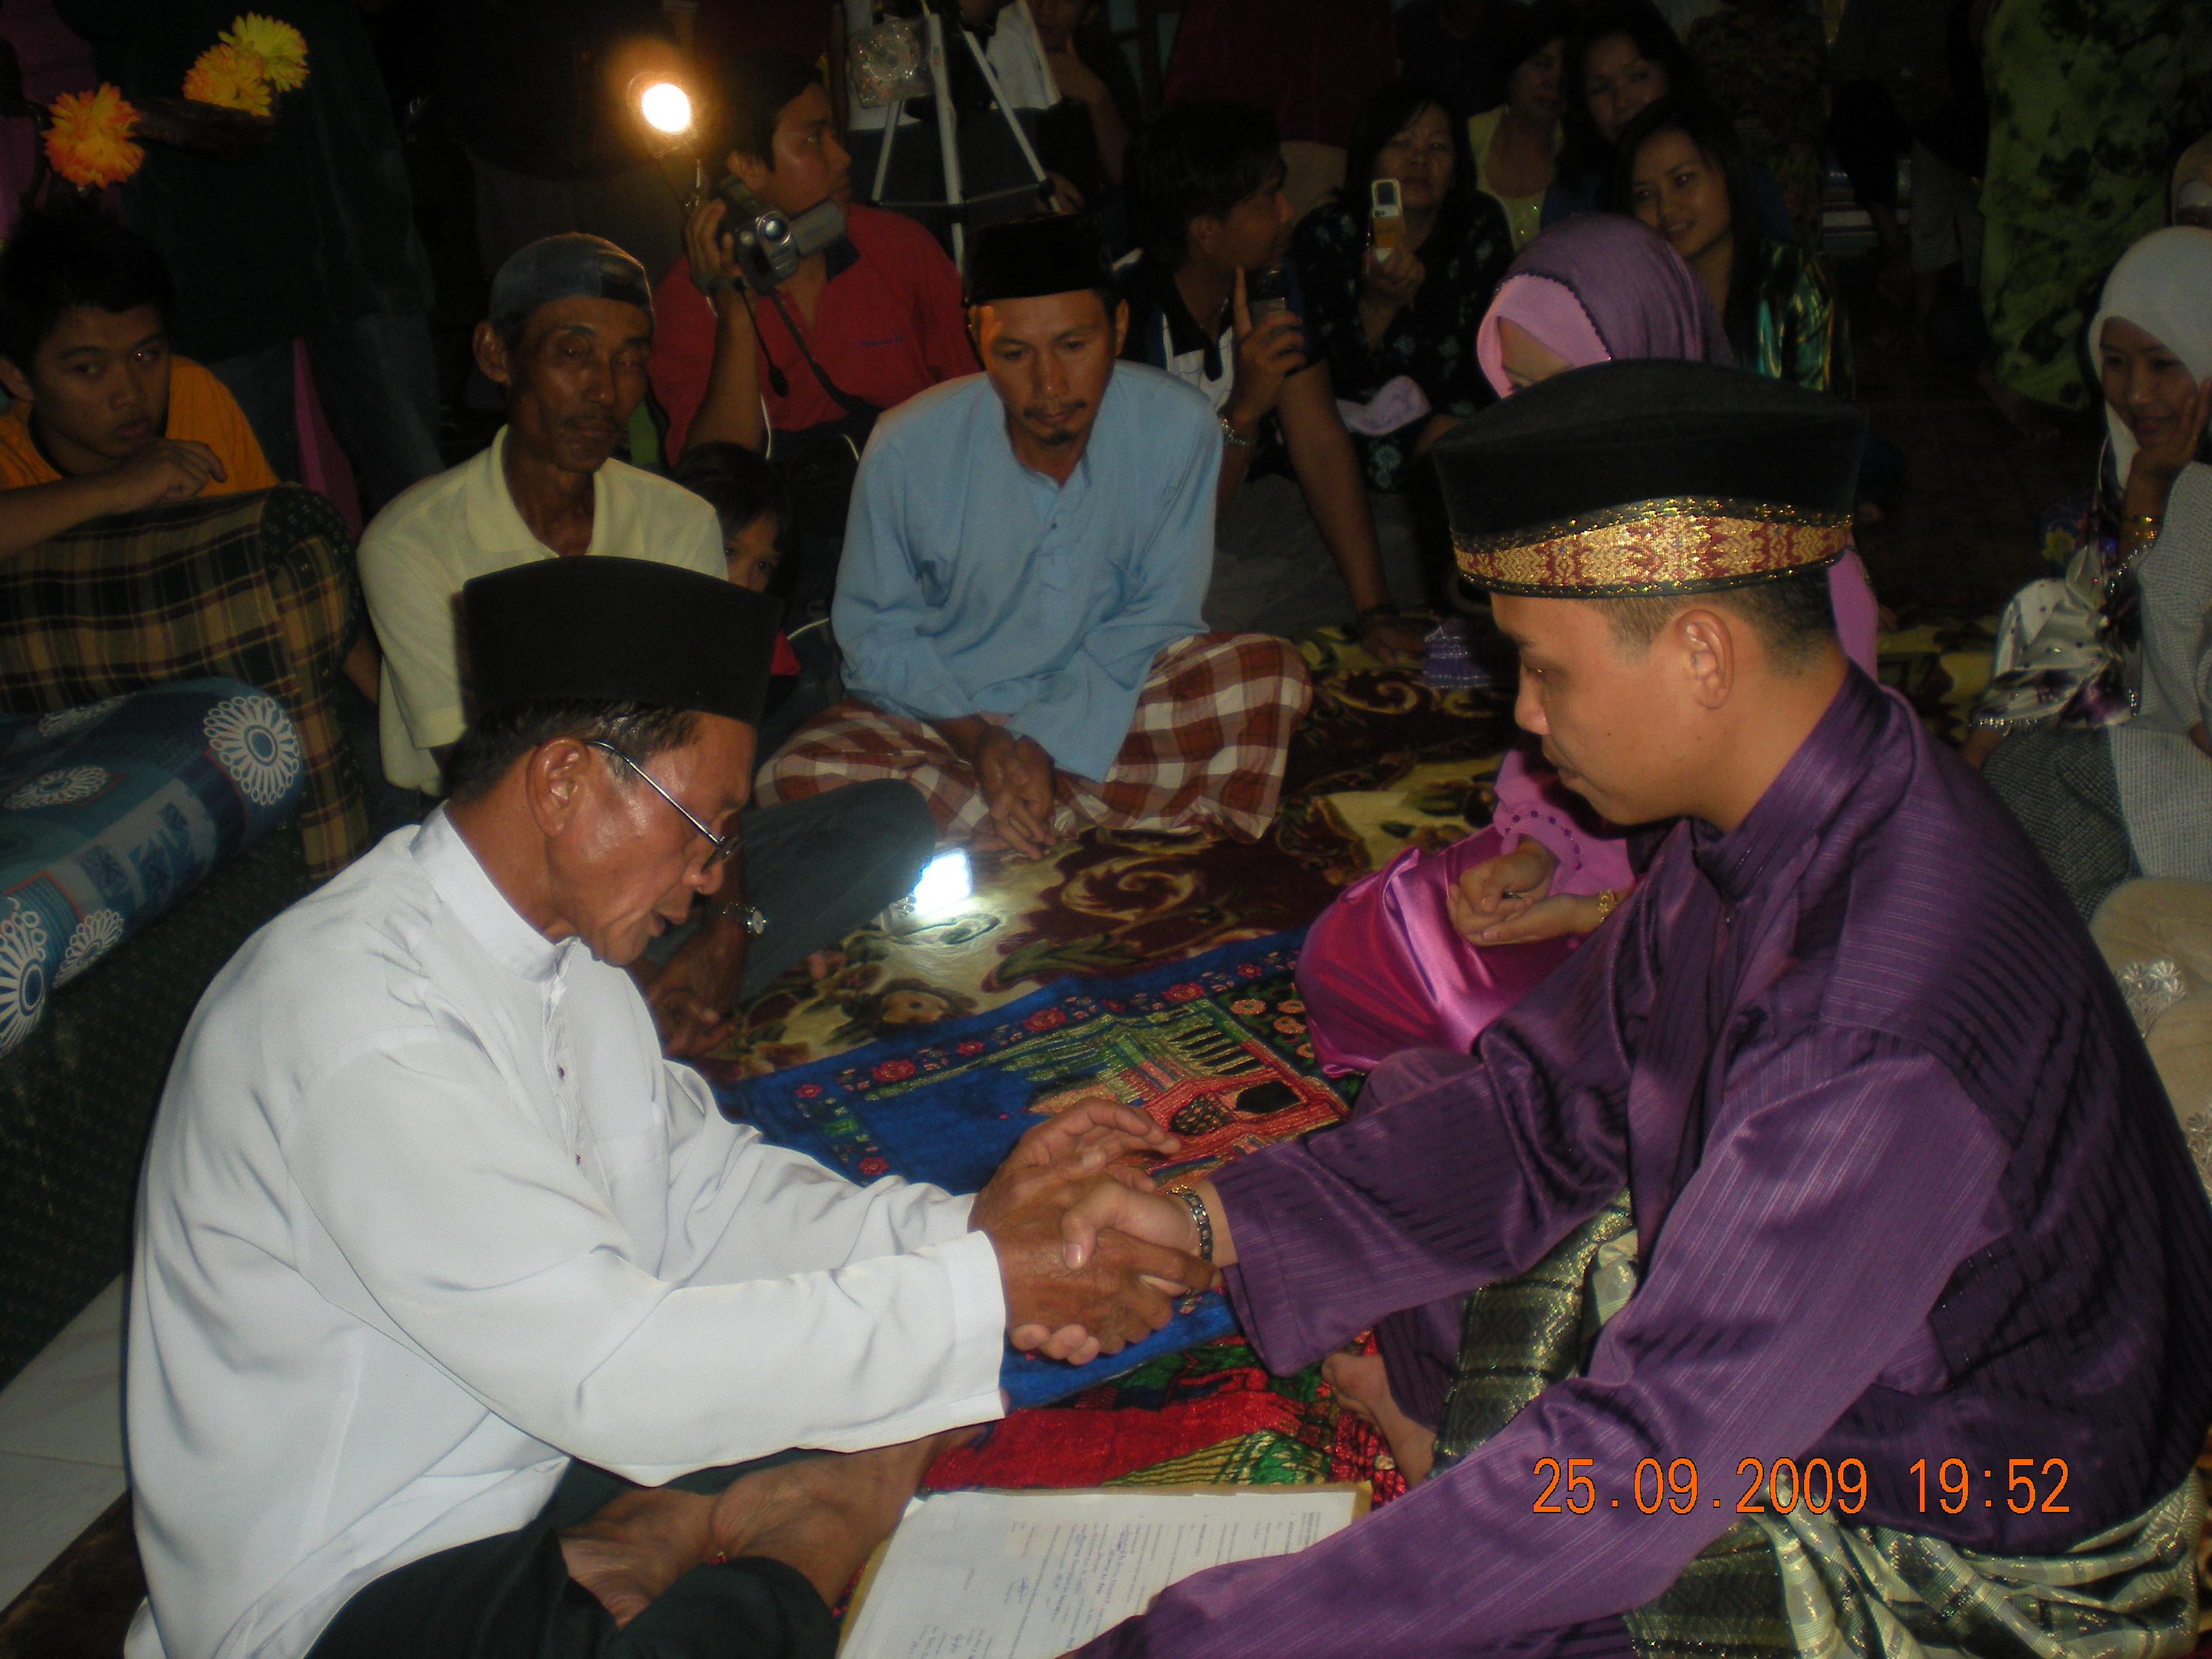 Saat penuh debaran lagi mendebarkan. Muhd Shahfyezan menggenggam erat tangan Tuan Imam untuk menerima amanah besar sebagai suami. Inilah suasana akad nikah yang bersejarah itu